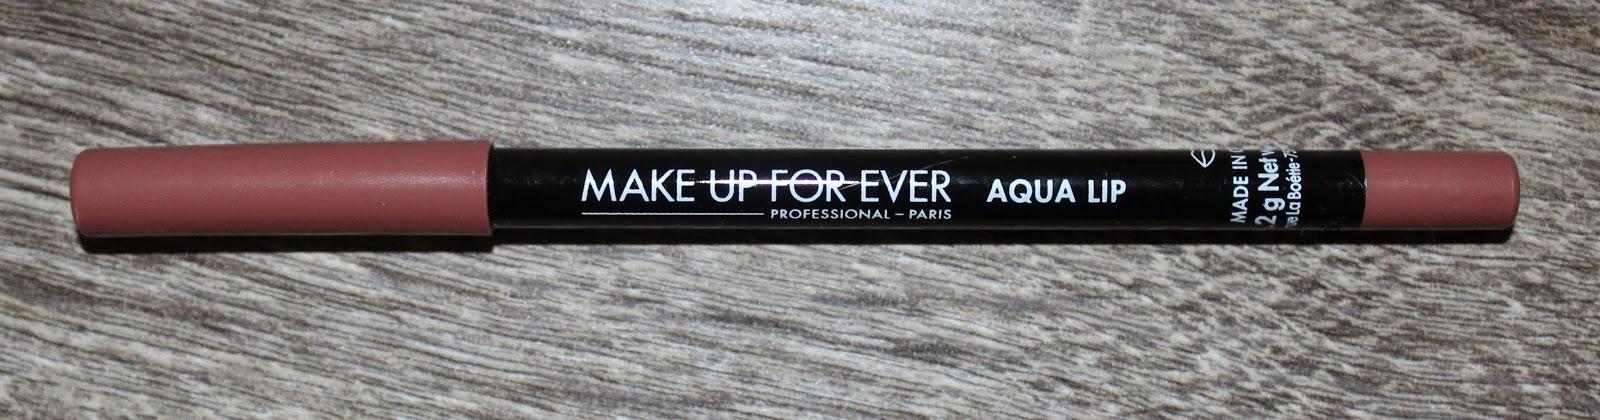 MAKE UP FOR EVER Aqua Lip 3C